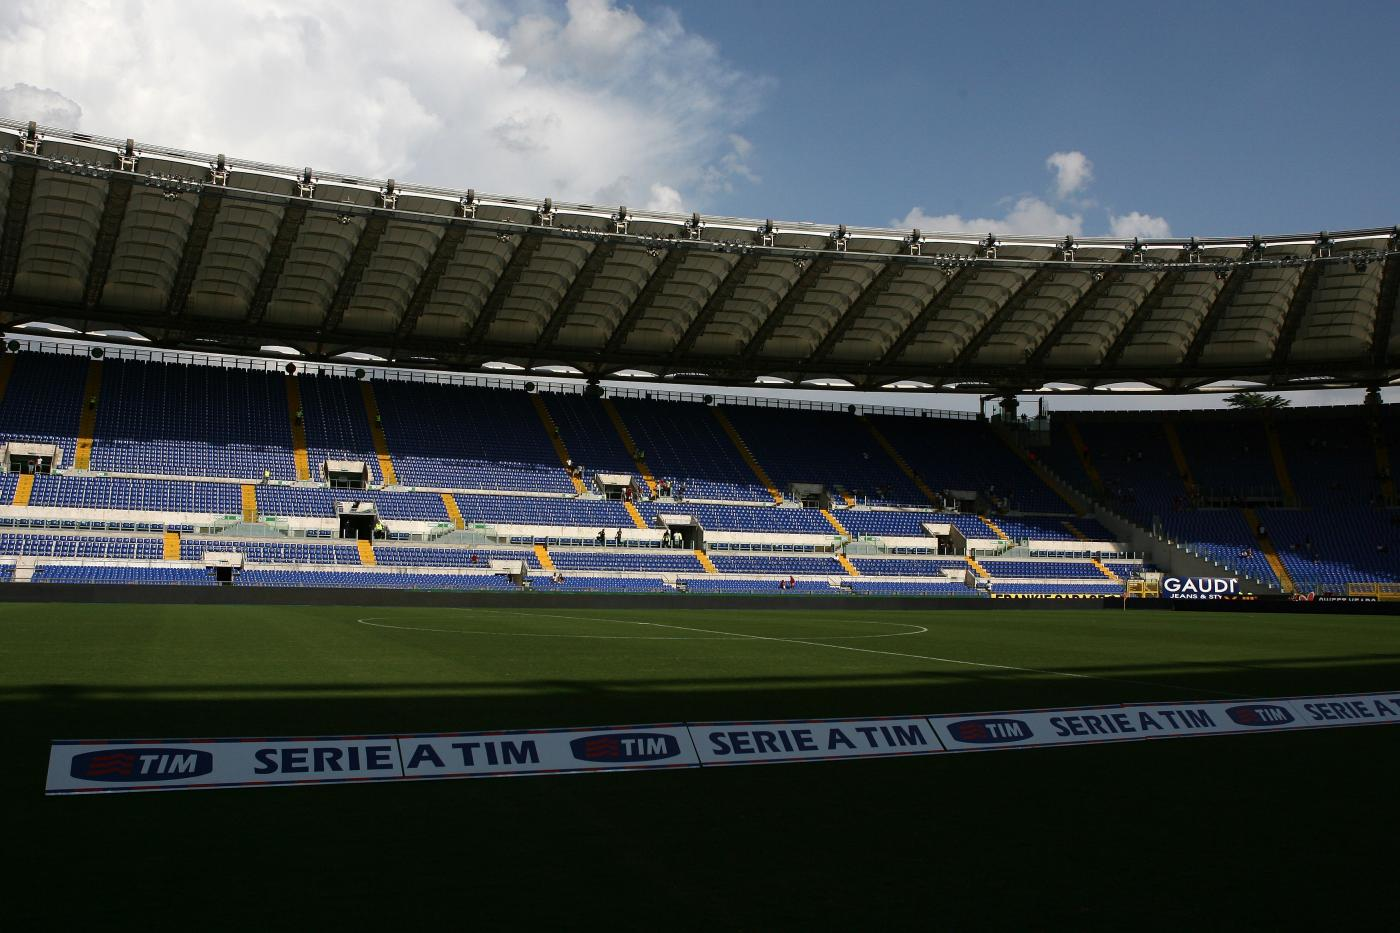 Quanto costano alle squadre gli stadi di Serie A?